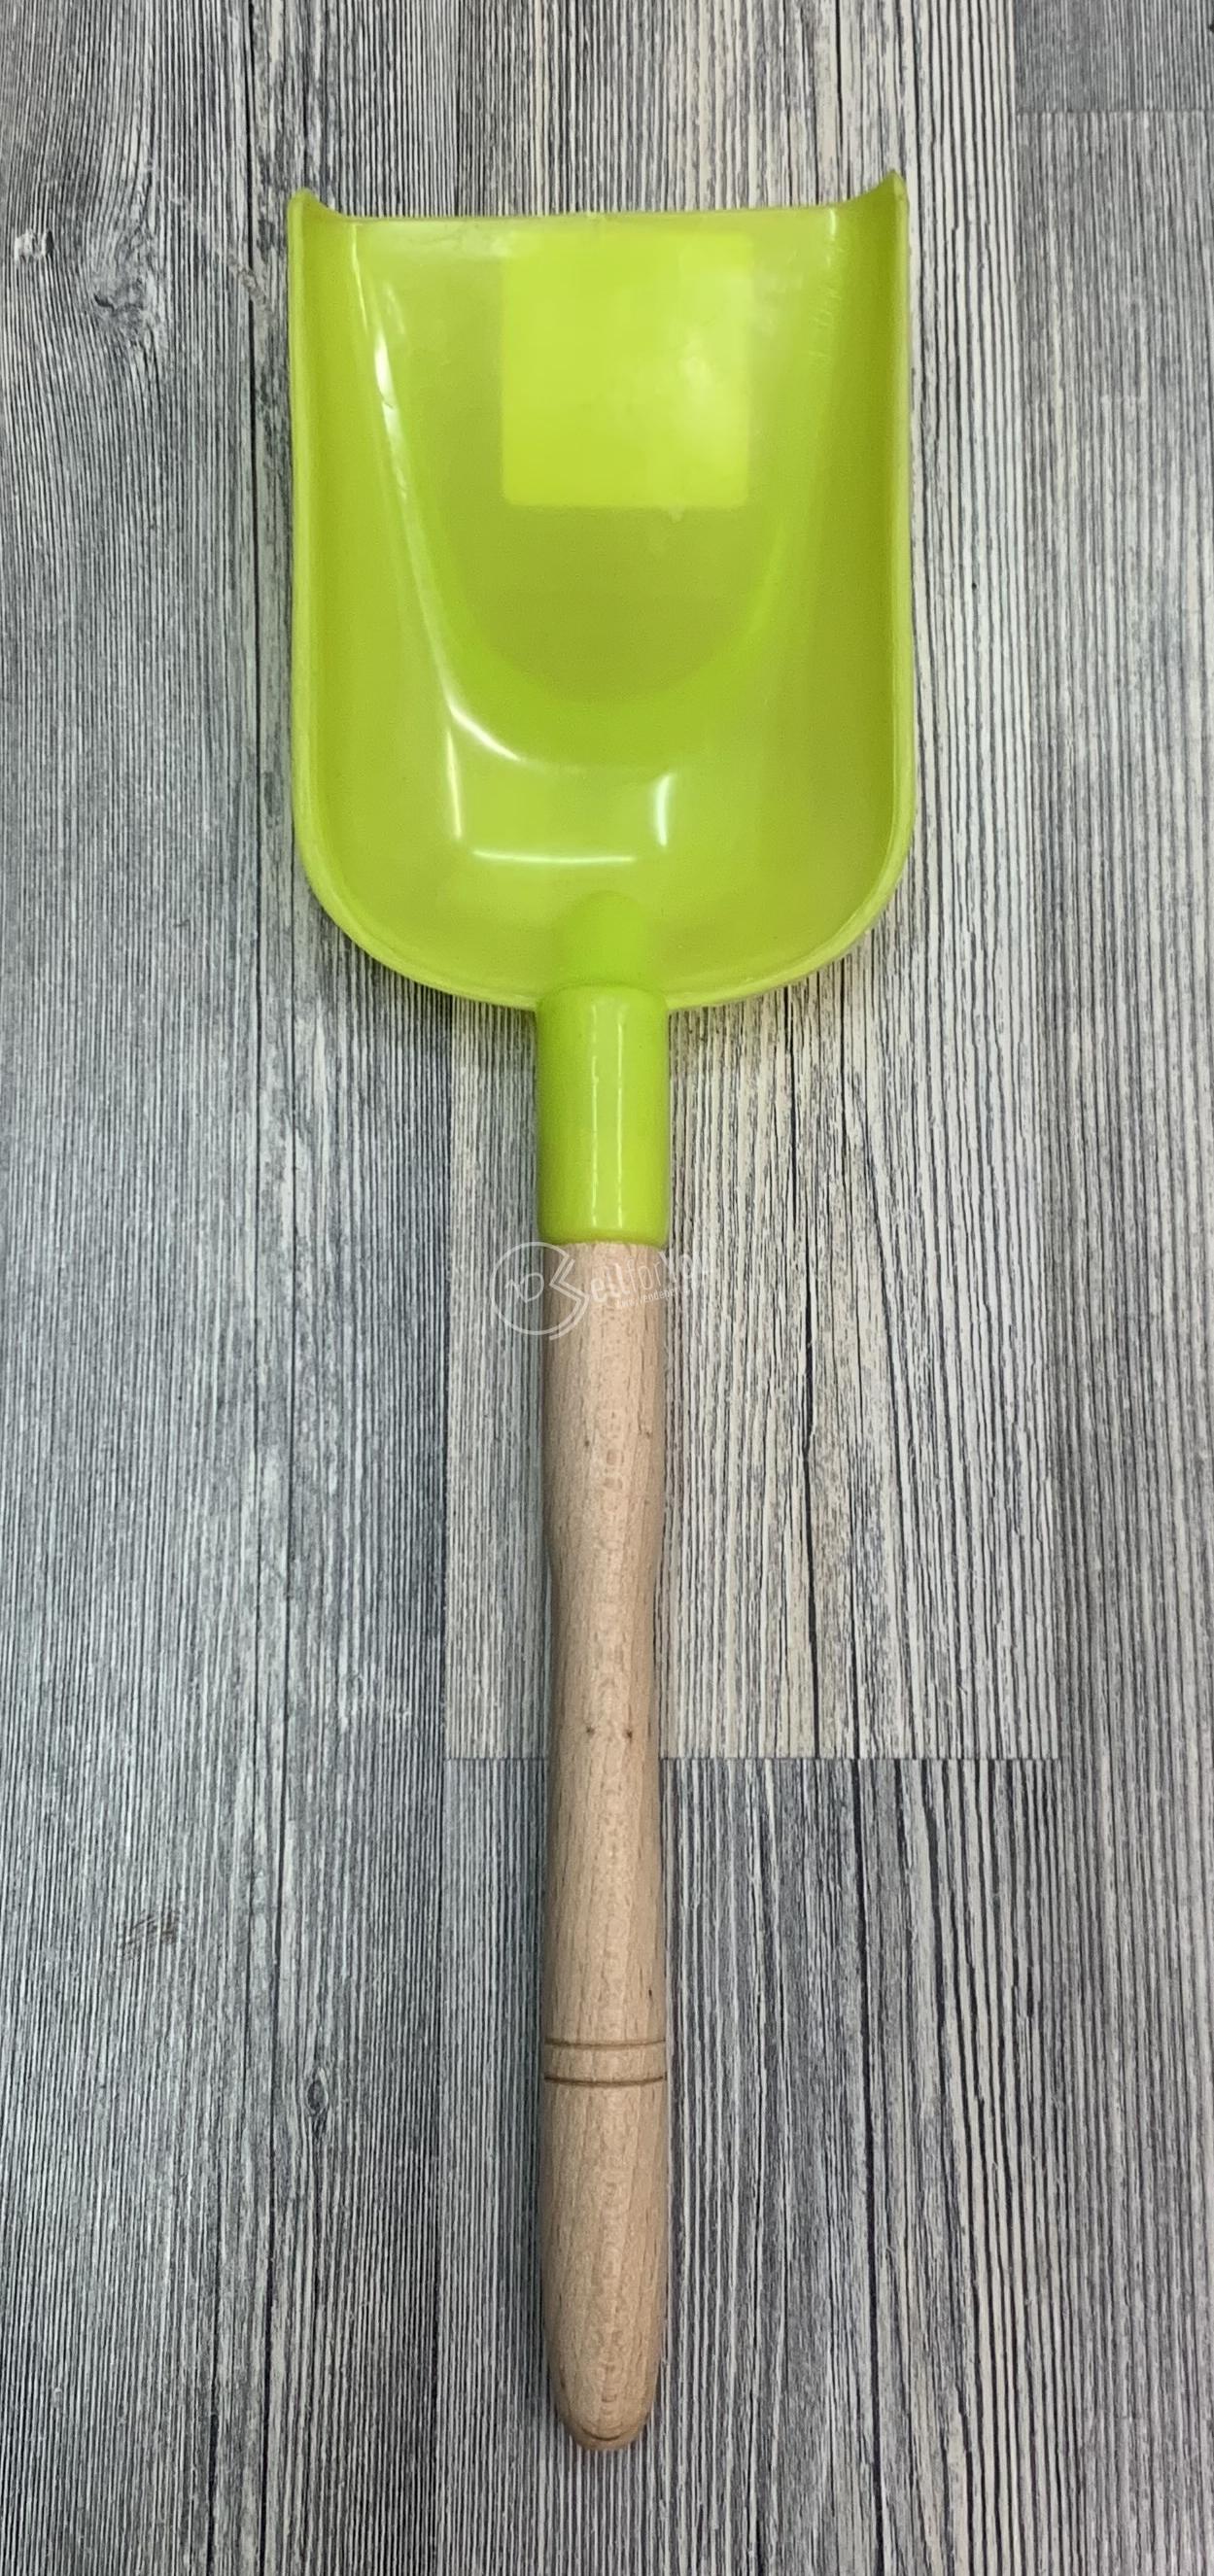 sellforyou immagine default articolo correlato non trovatoPaletta in legno grande Androni Giocattoli verde